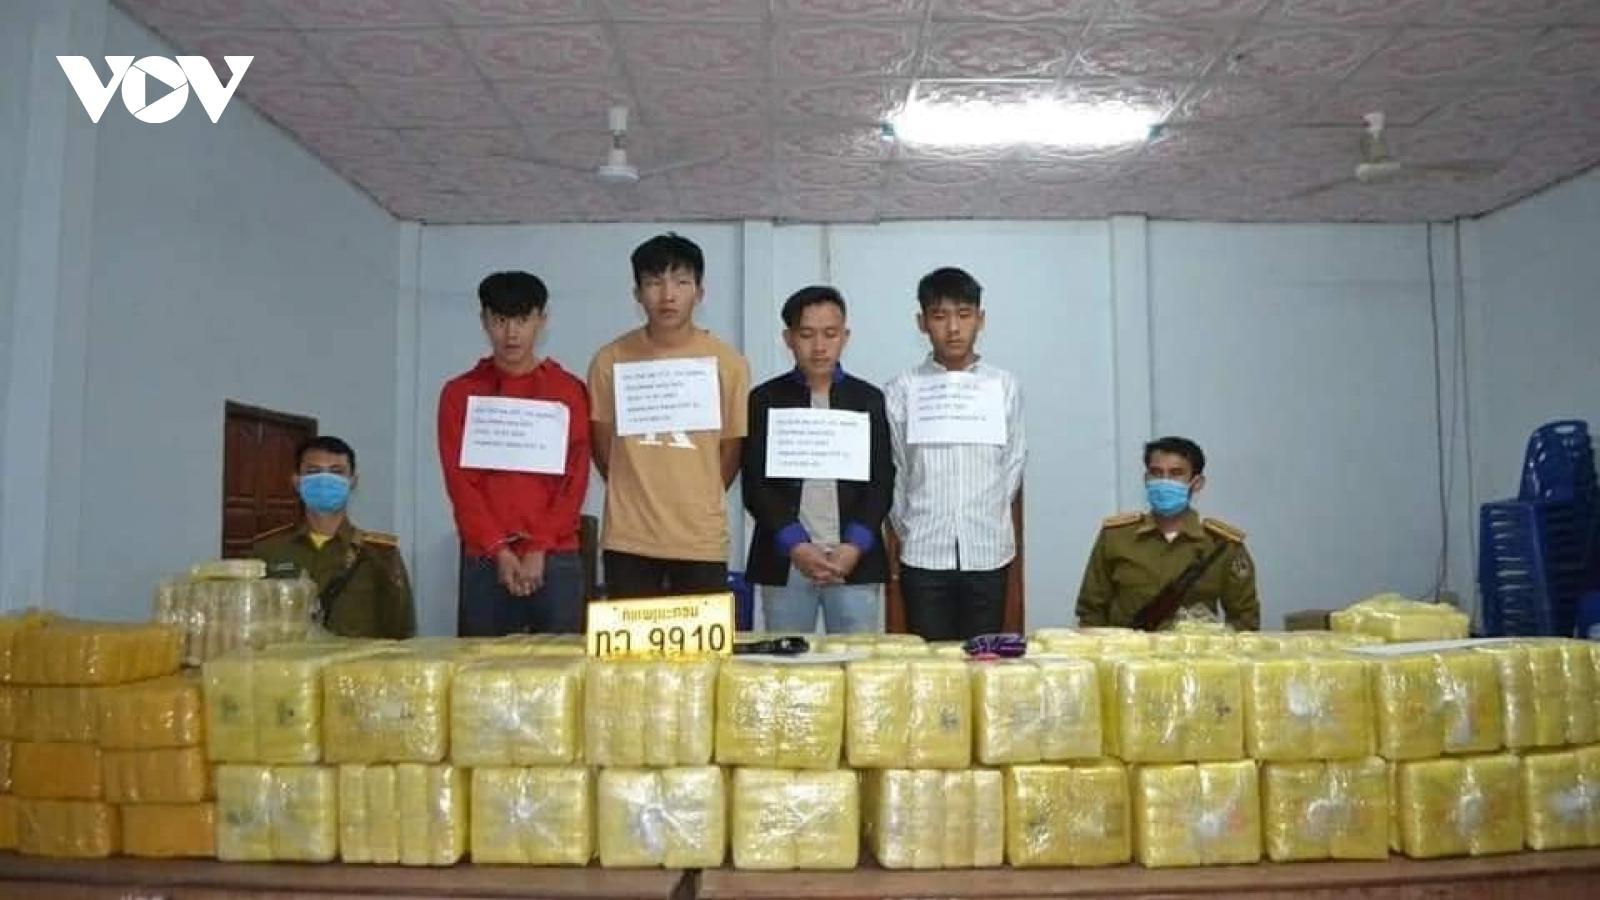 Lào bắt giữ vụ vận chuyển hơn 5 triệu viên ma túy tổng hợp